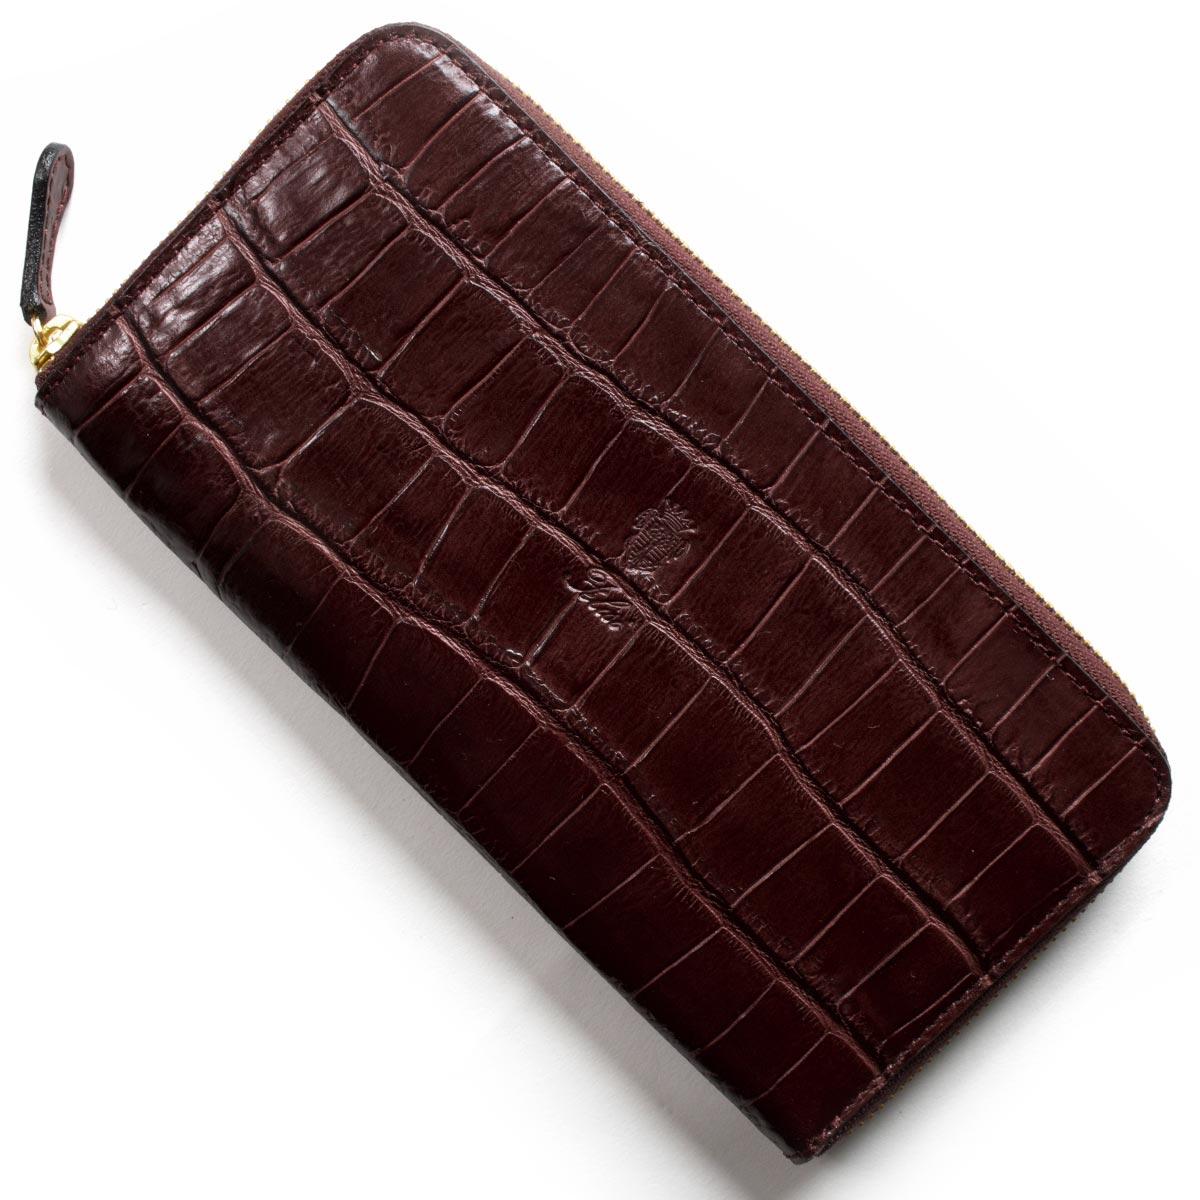 フェリージ長財布 ボルドー 125SA